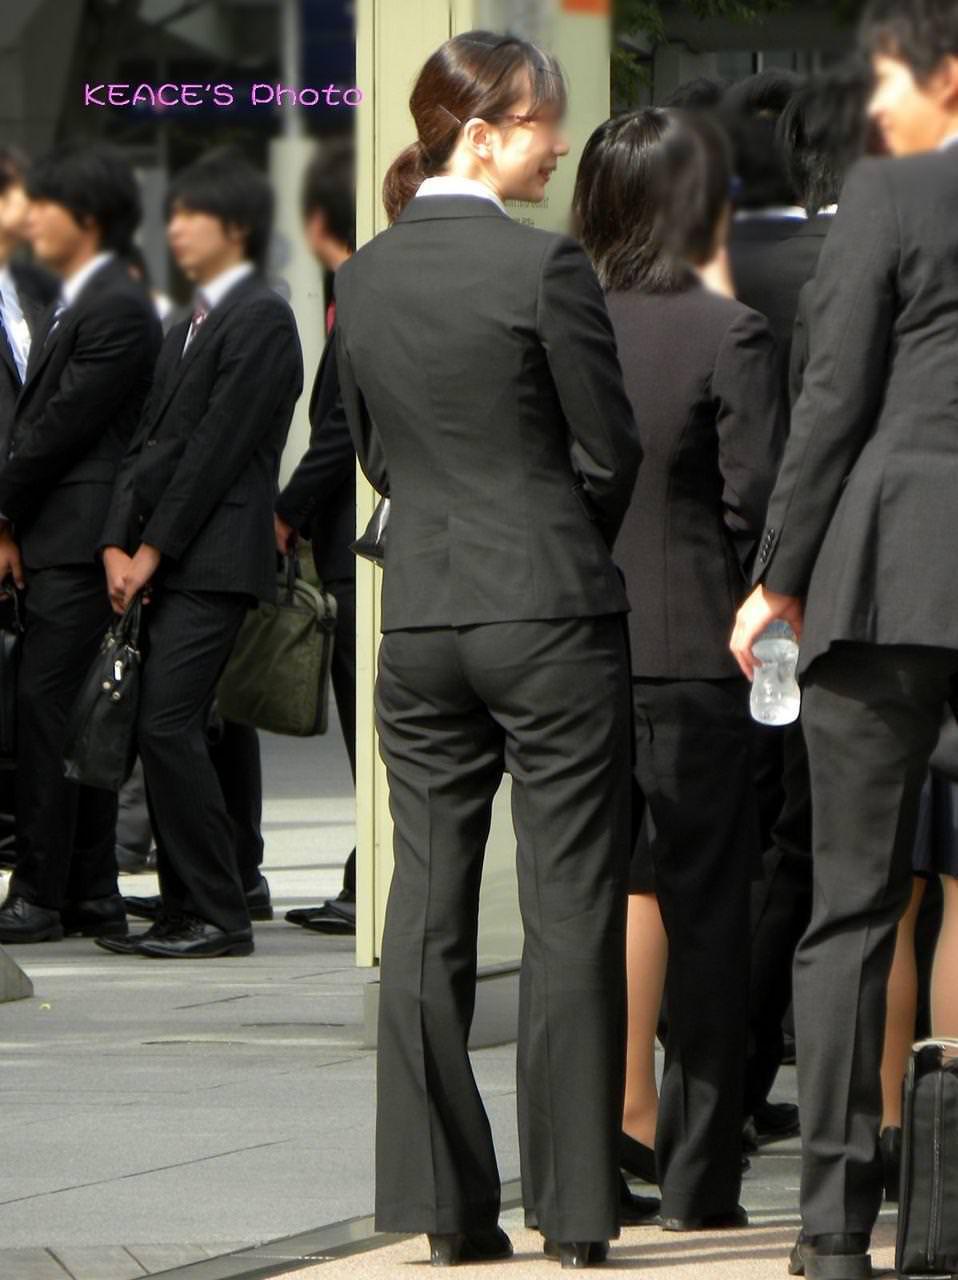 お尻のラインがくっきりハッキリしてる街撮り画像!!!!!!!! 2507